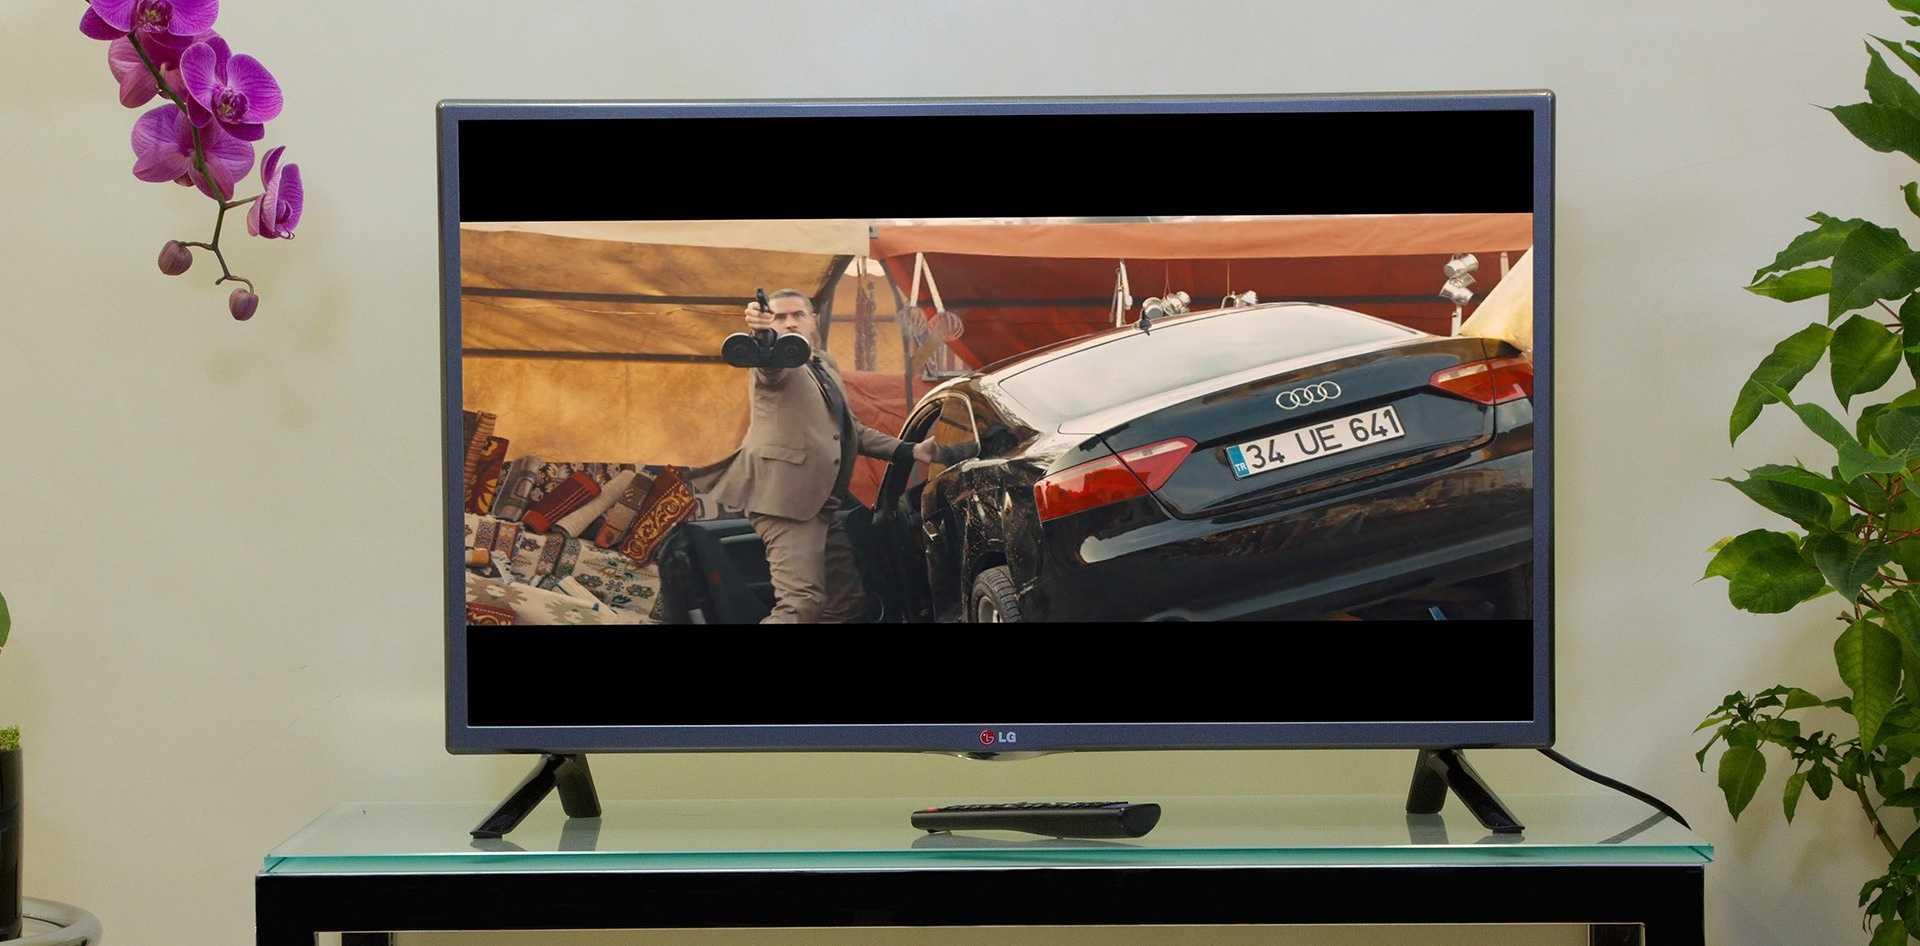 Относительно недавно выяснилось что австрийская компания решила выкупить у права на производство и презентацию в Европе новую ТВ-приставку Речь идет о бренде